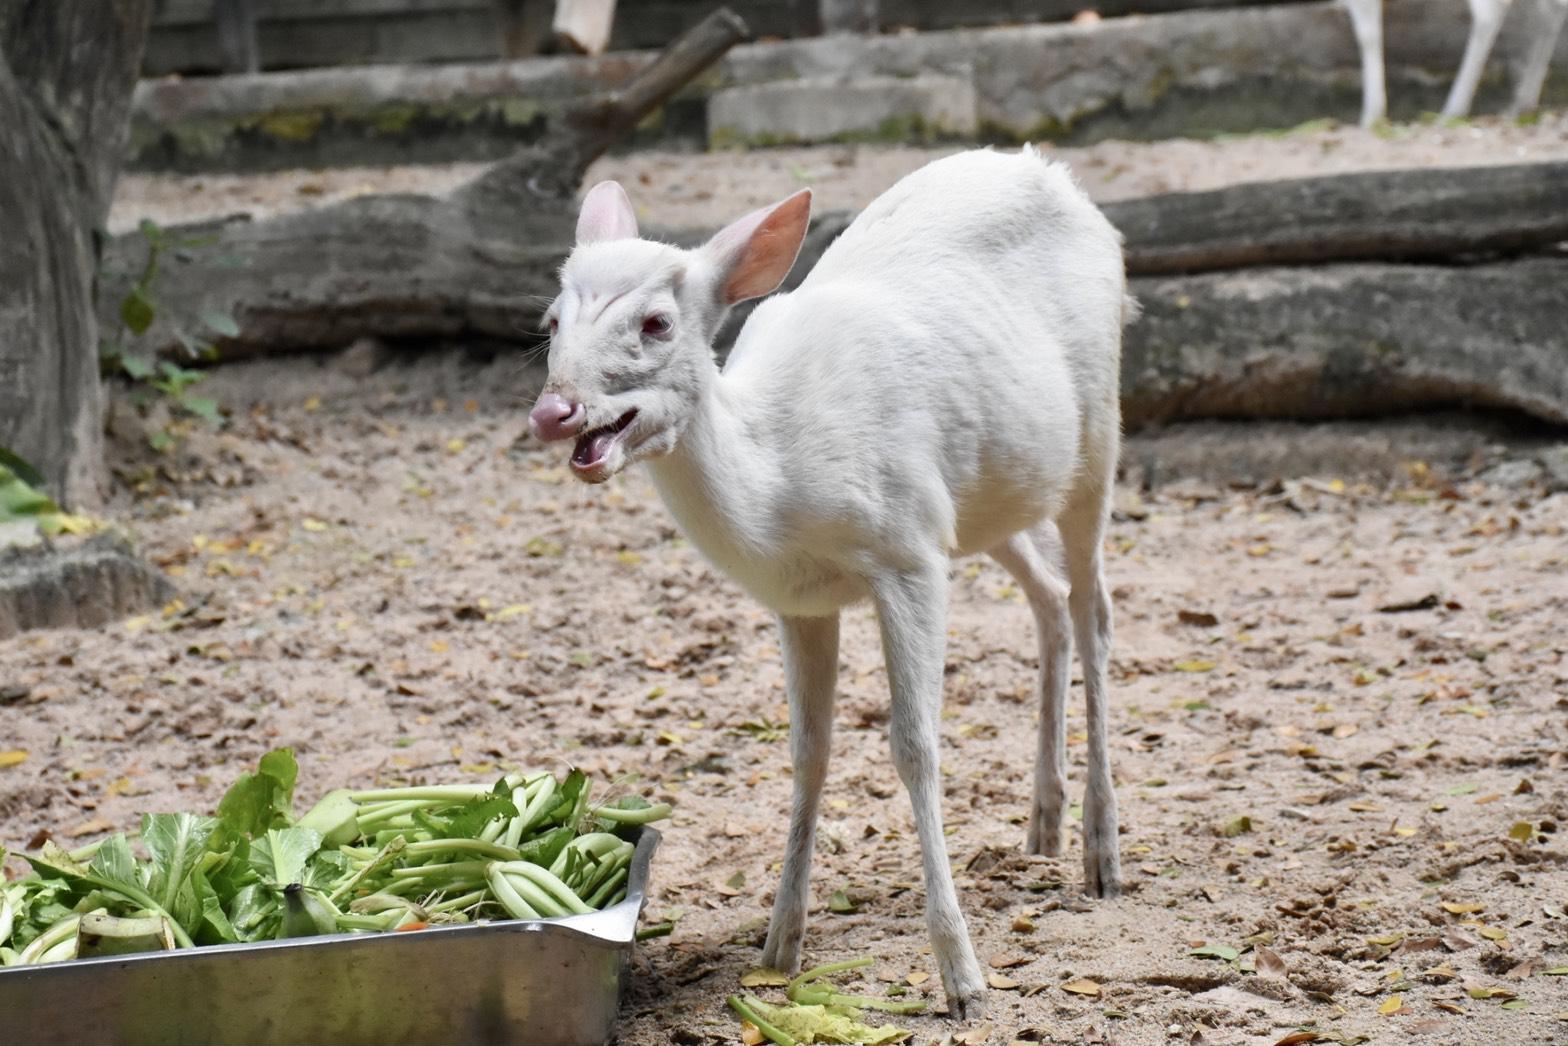 """สวนสัตว์เขาเขียว เปิดตัว """"นวล"""" ลูกเก้งเผือก วัย 9 เดือน"""